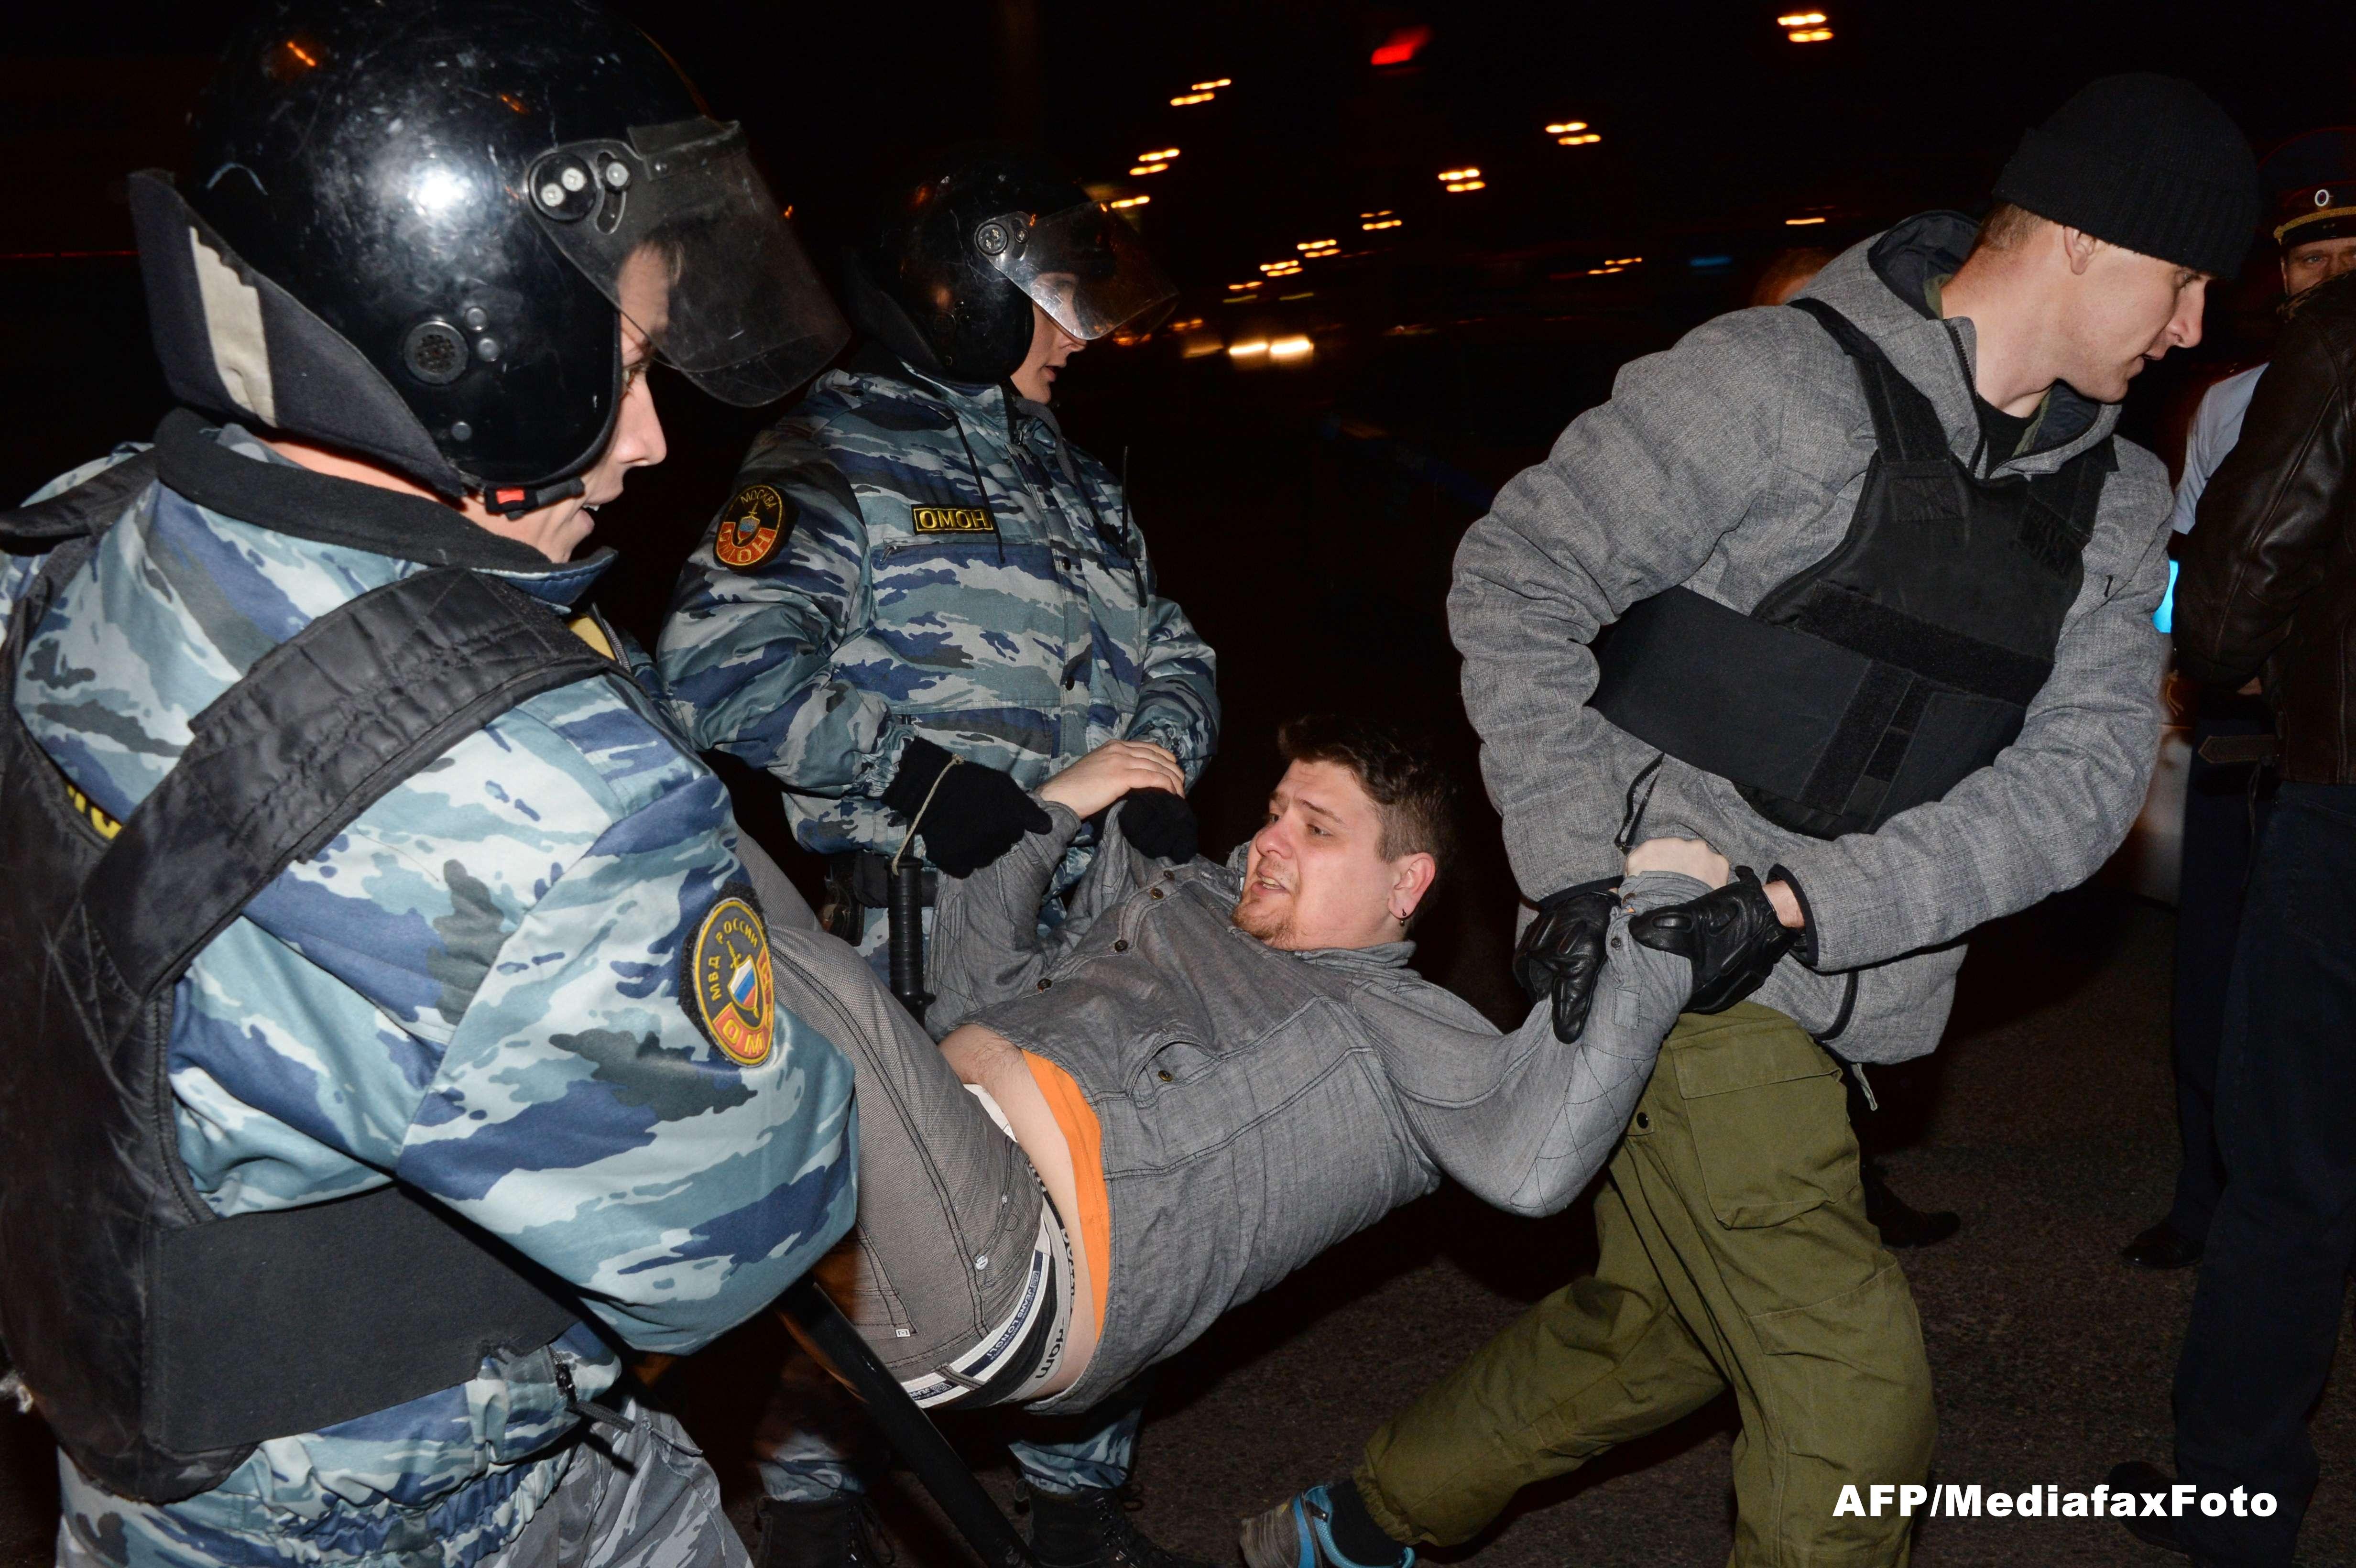 Moscova furioasa. Mii de oameni au protestat dupa uciderea unui rus de catre un posibil imigrant